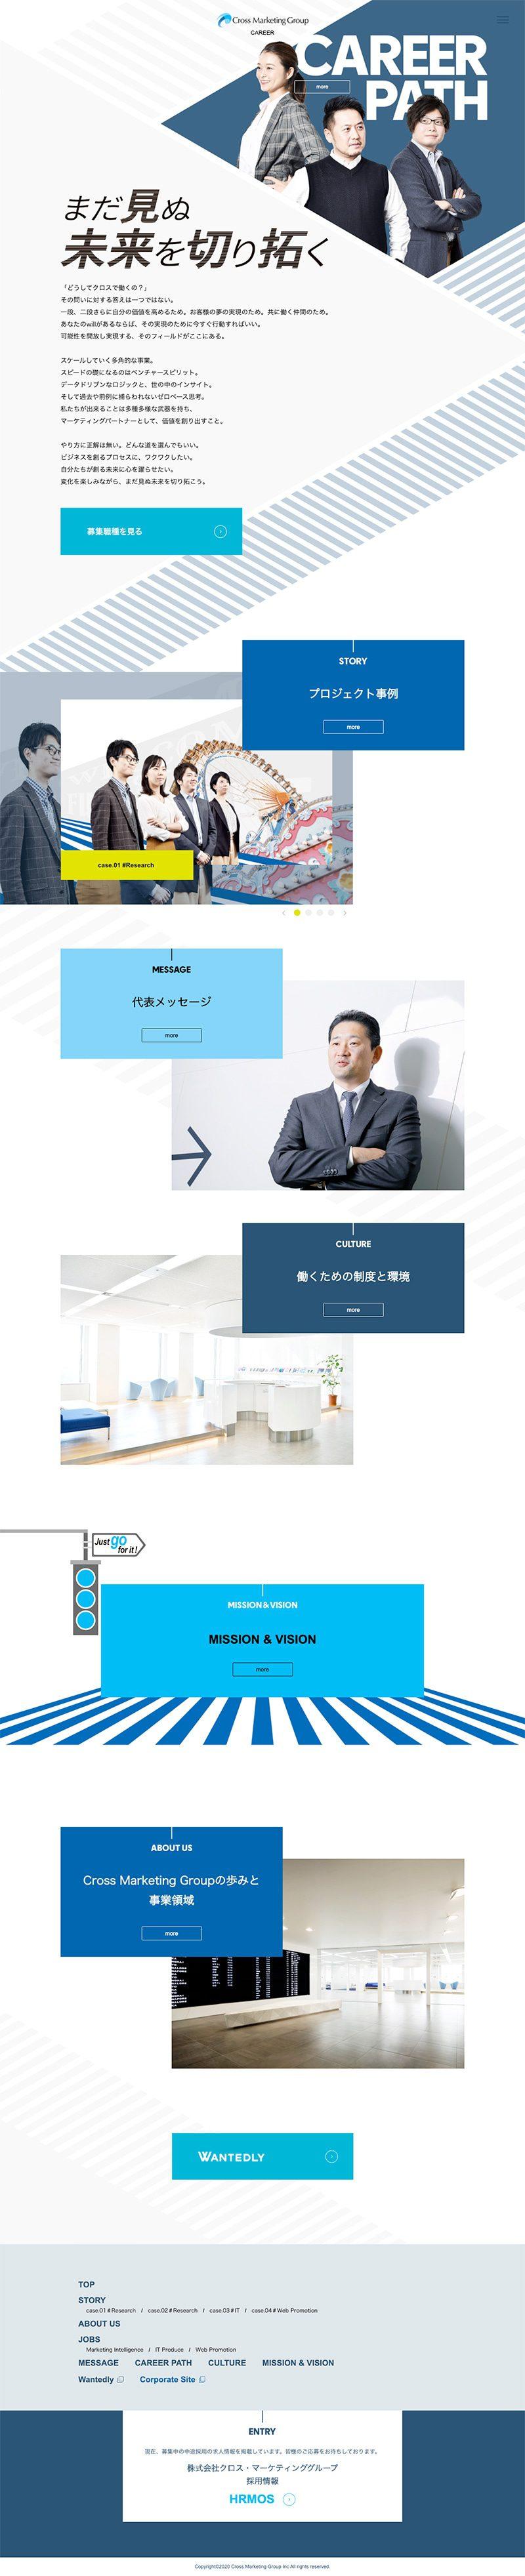 株式会社クロス・マーケティンググループ様 採用サイトキャリアTOP